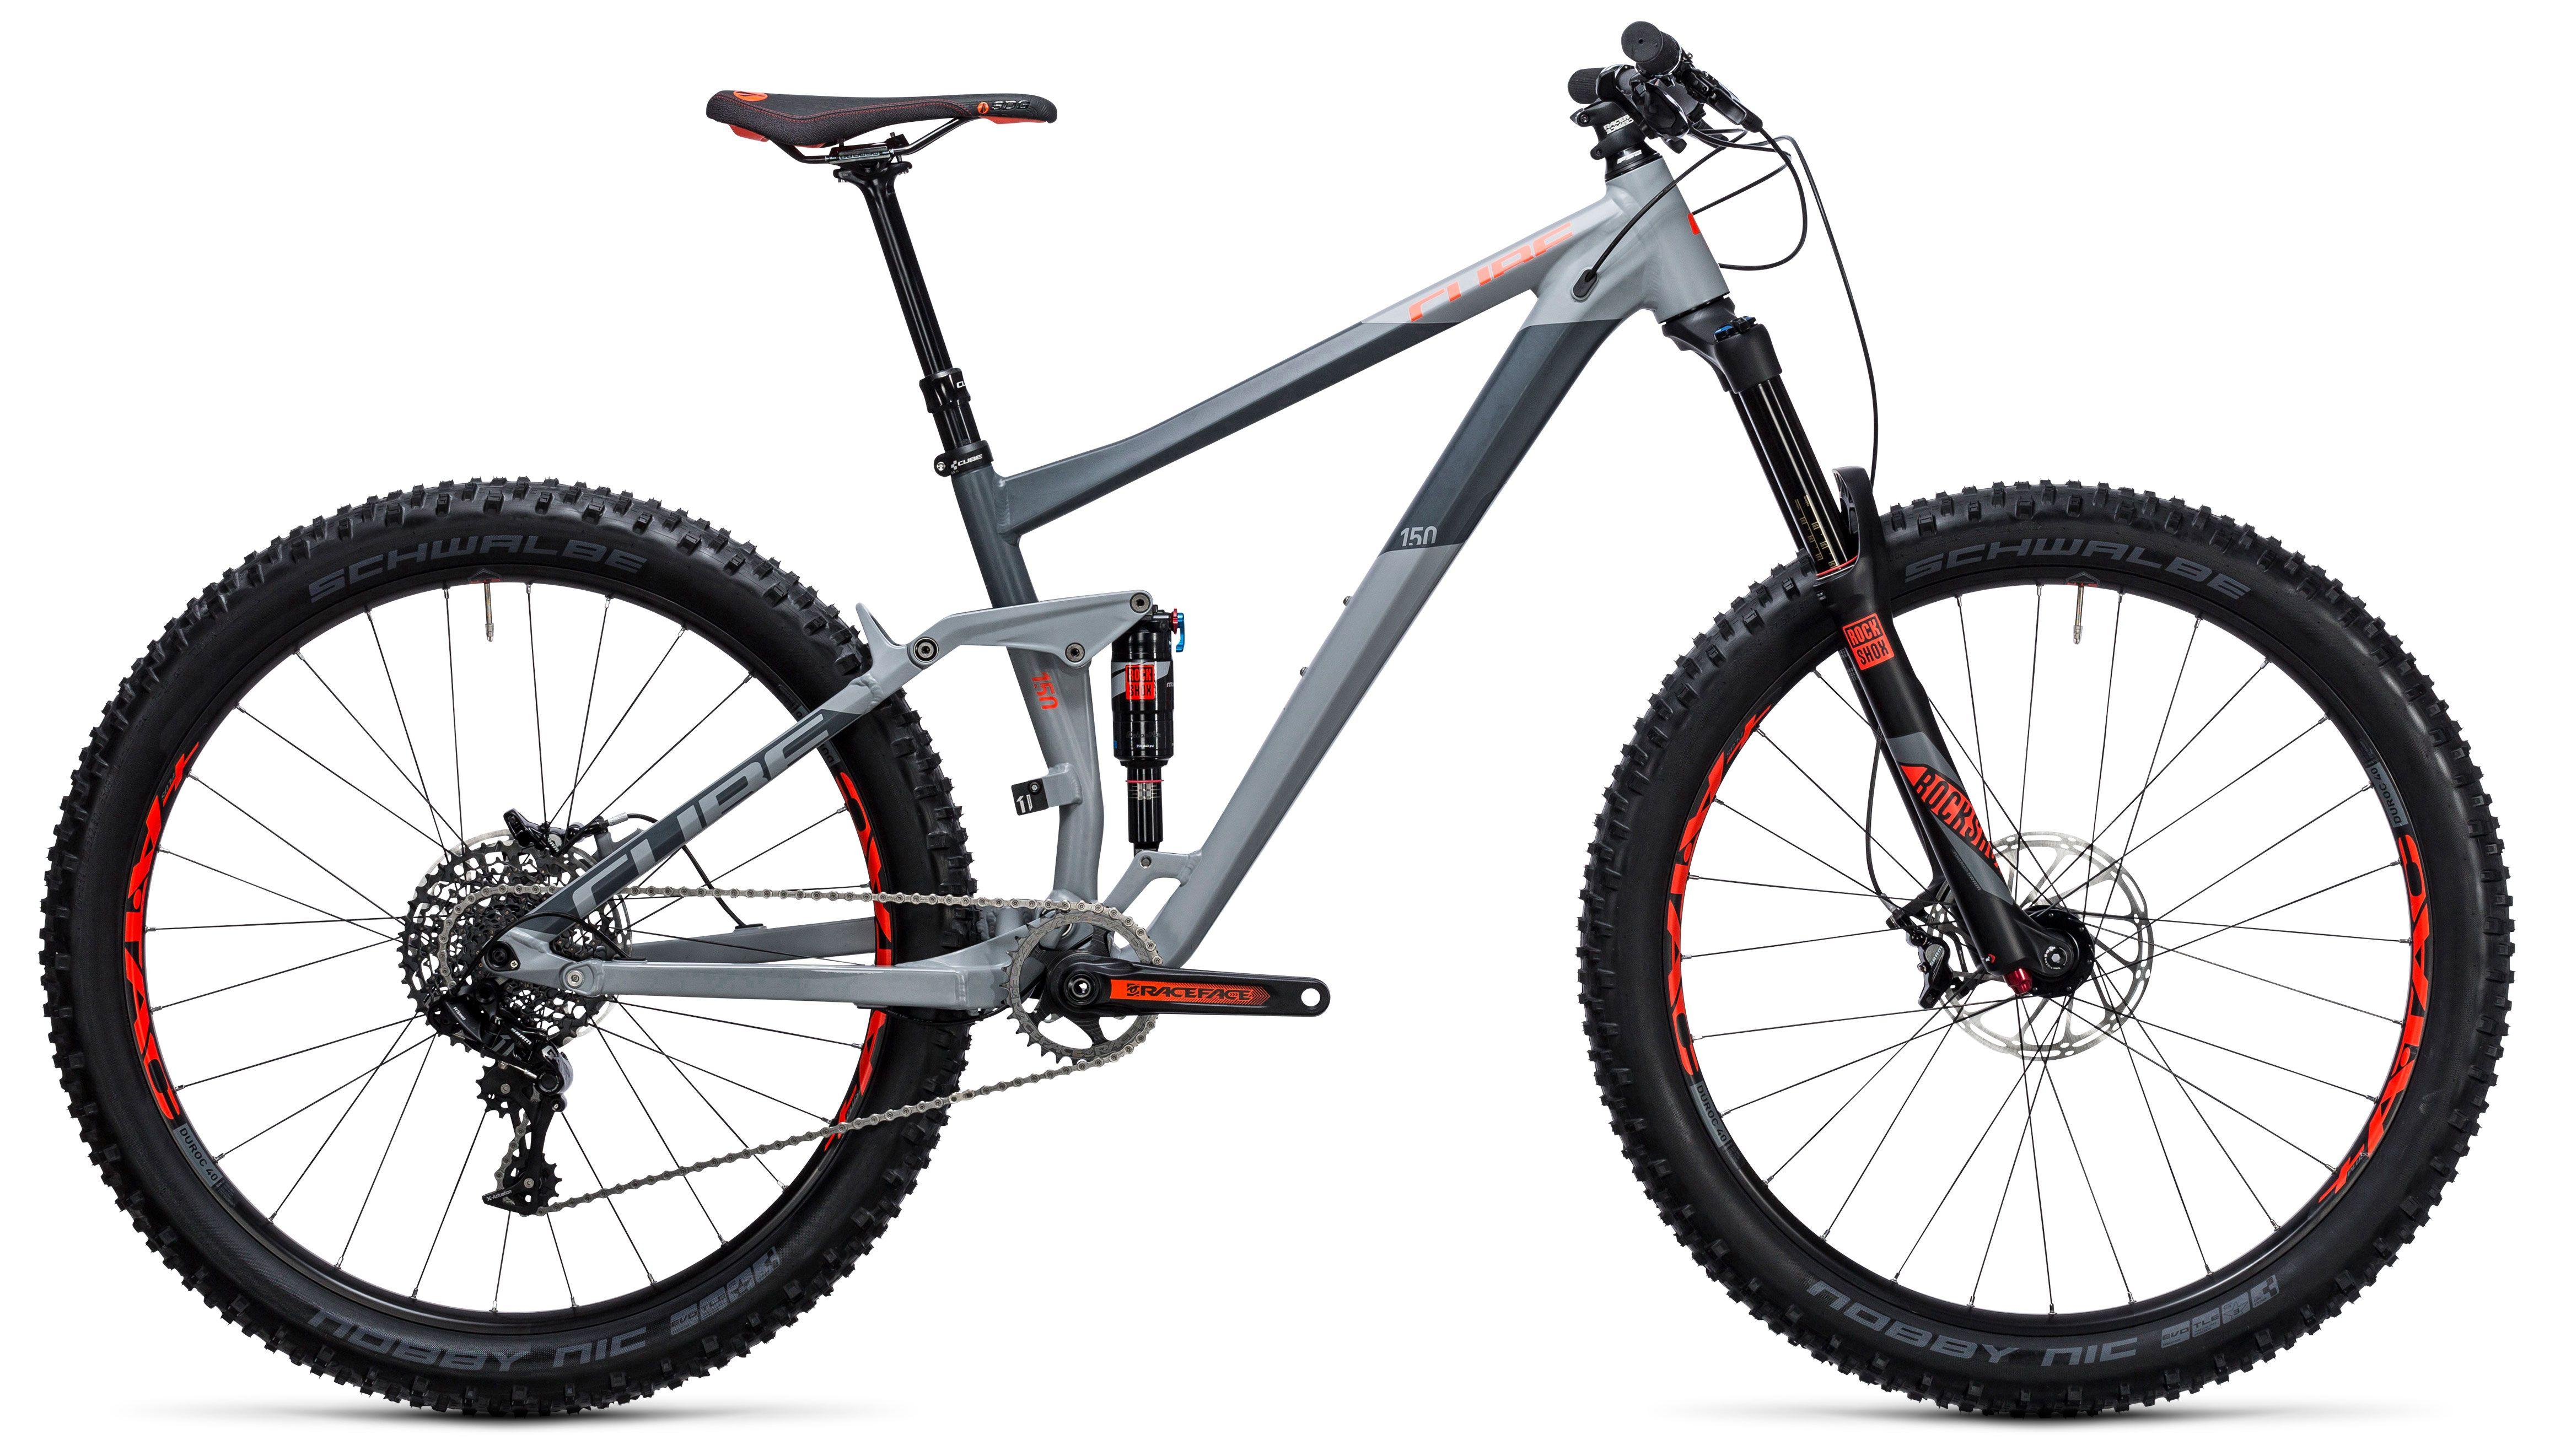 Велосипед Cube Stereo 150 HPA Race 27.5+ 2017,  Двухподвесы  - артикул:273732